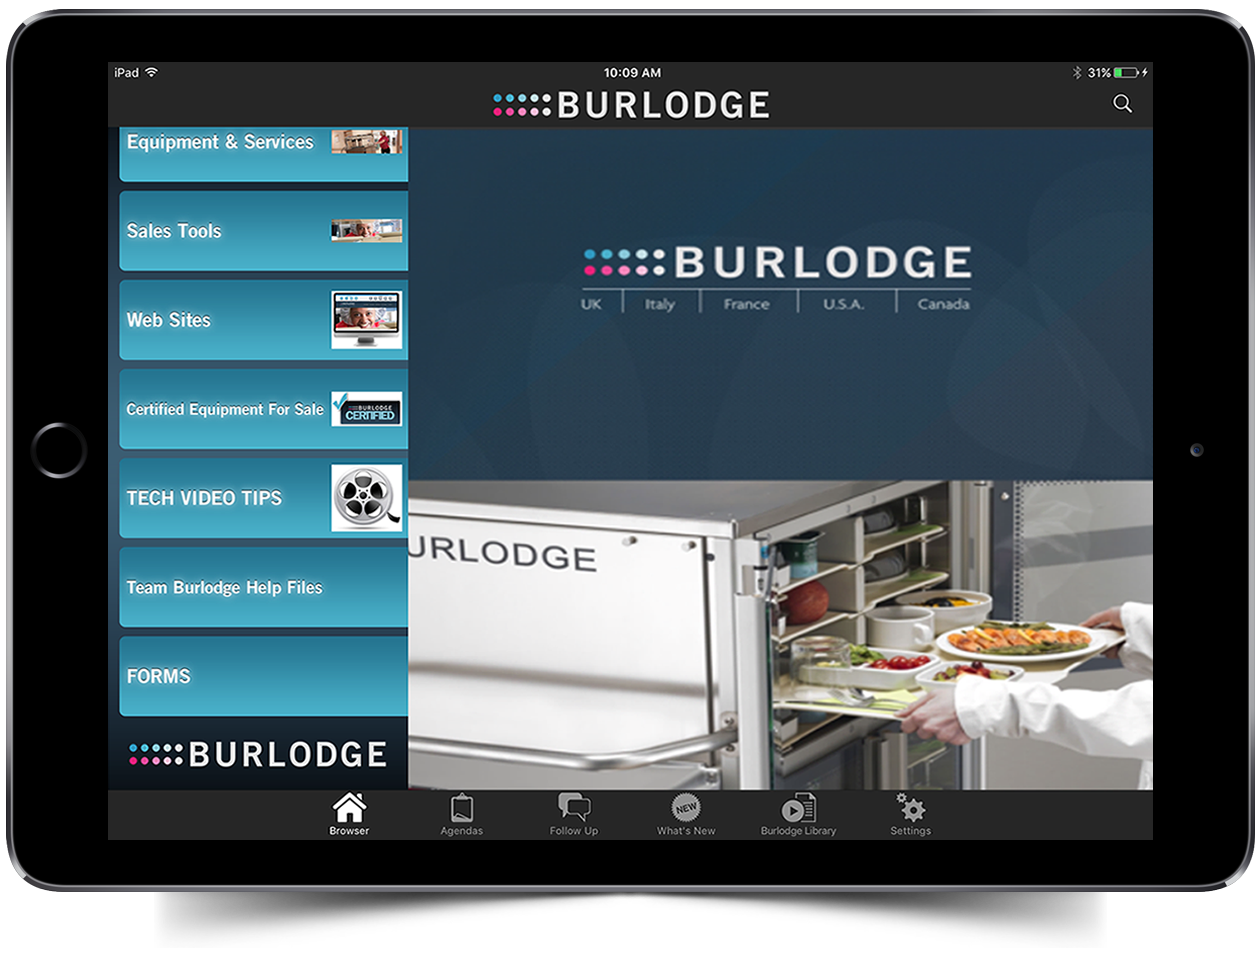 Burlodge iPad